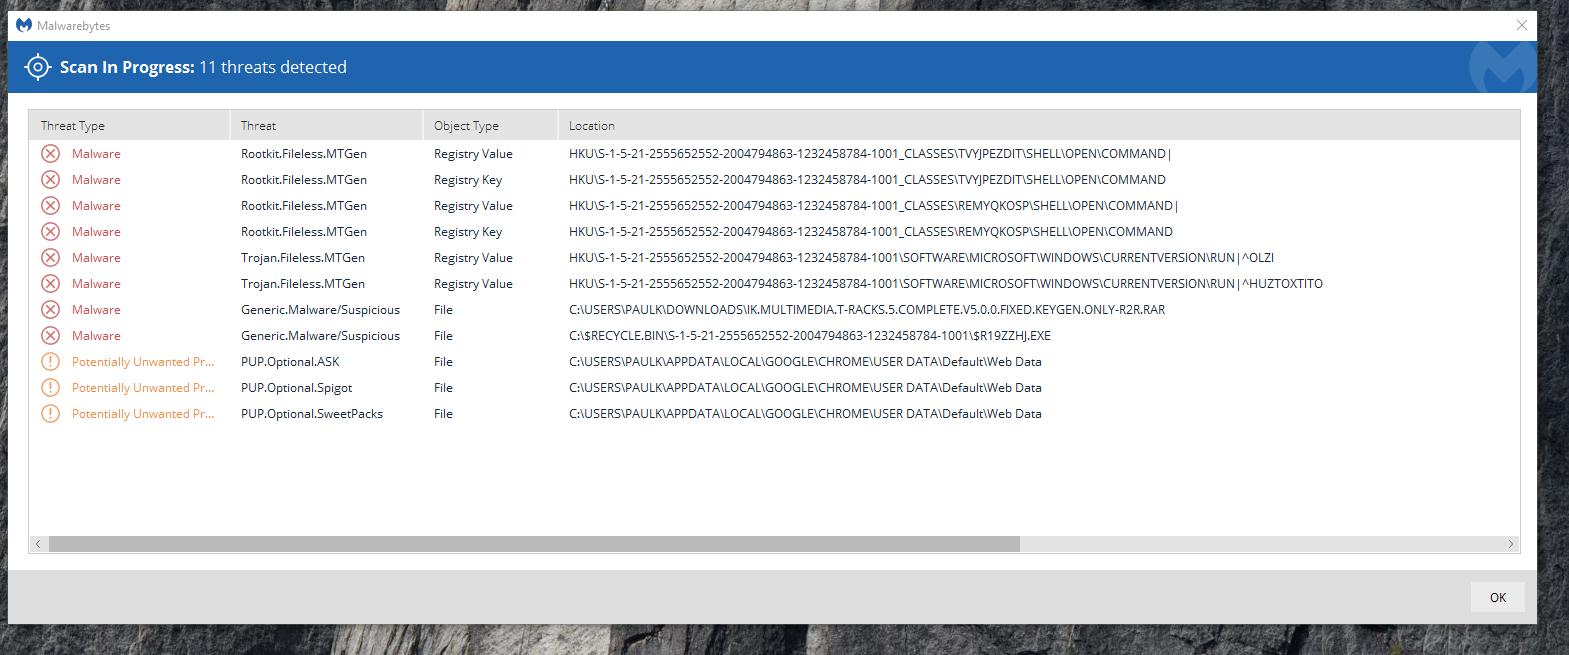 malwarebytes 3.6 1 license key reddit